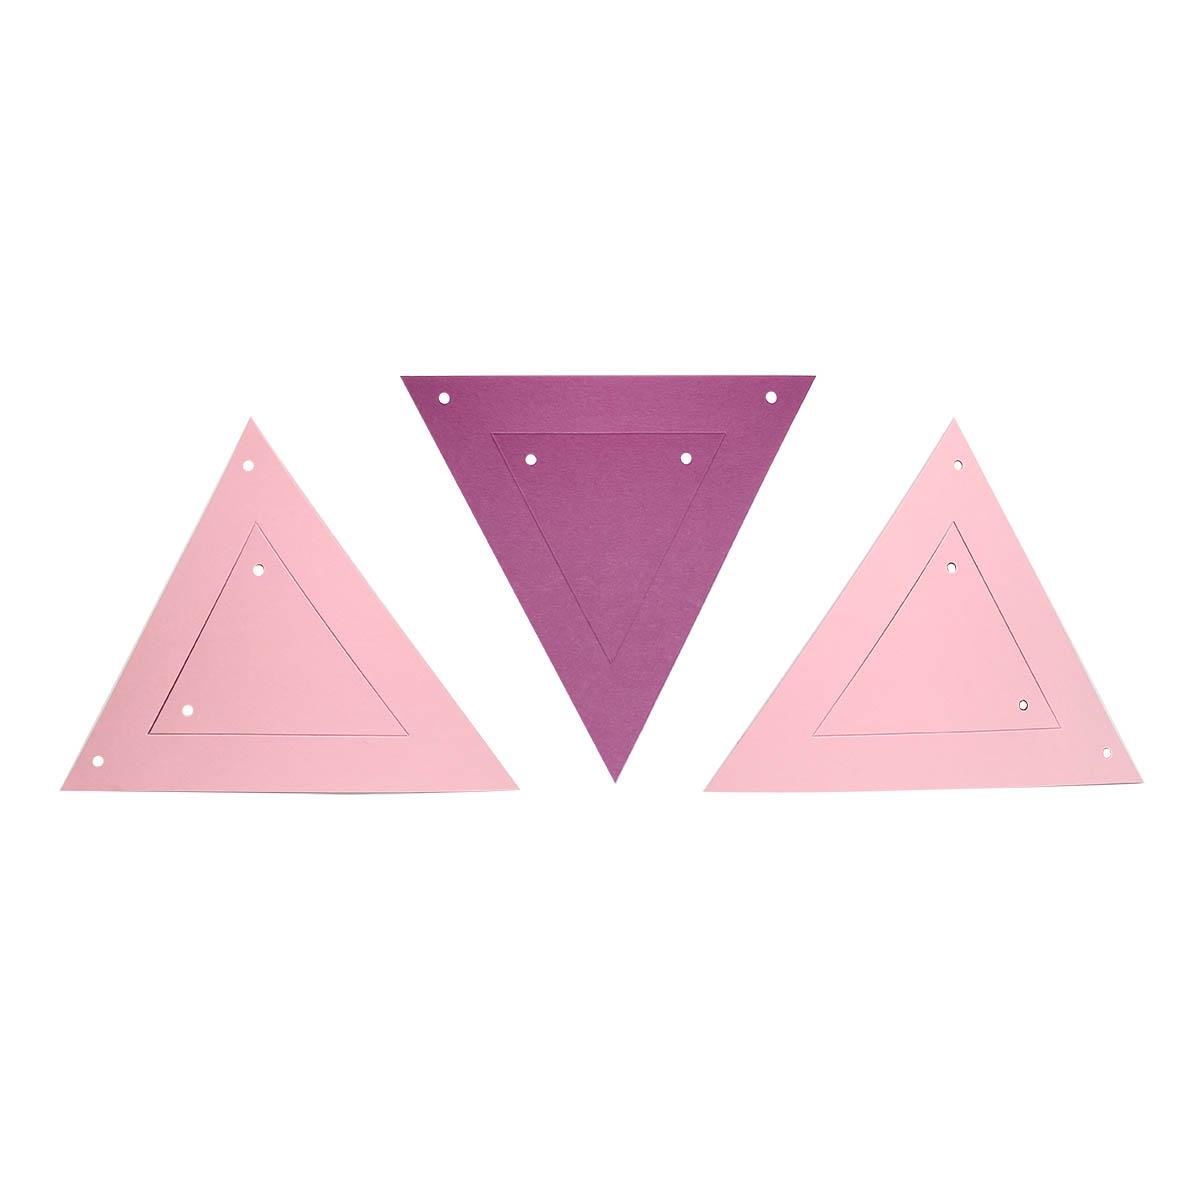 ГИР5002 Заготовка для гирлянды Треугольник 2